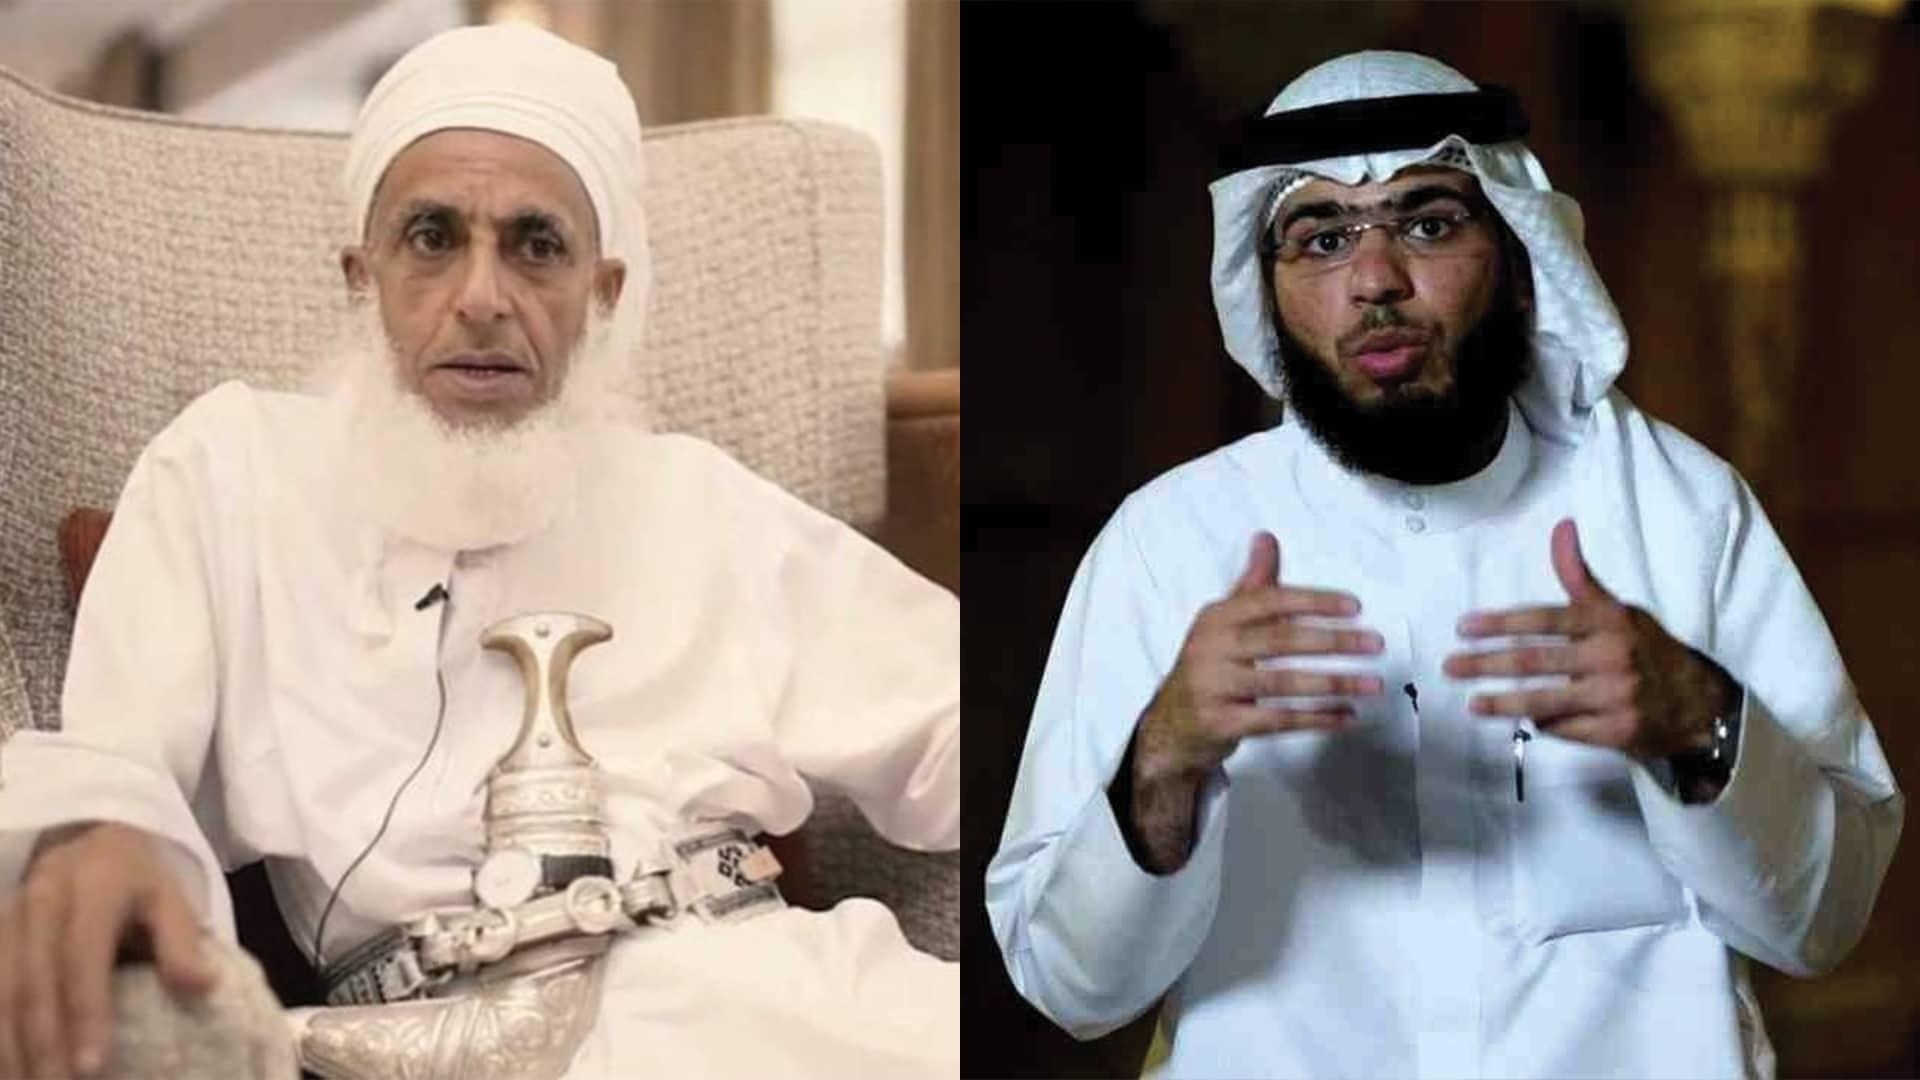 مفتي سلطنة عمان ينصر الفلسطينيين بينما وسيم يوسف يدافع عن الاحتلال